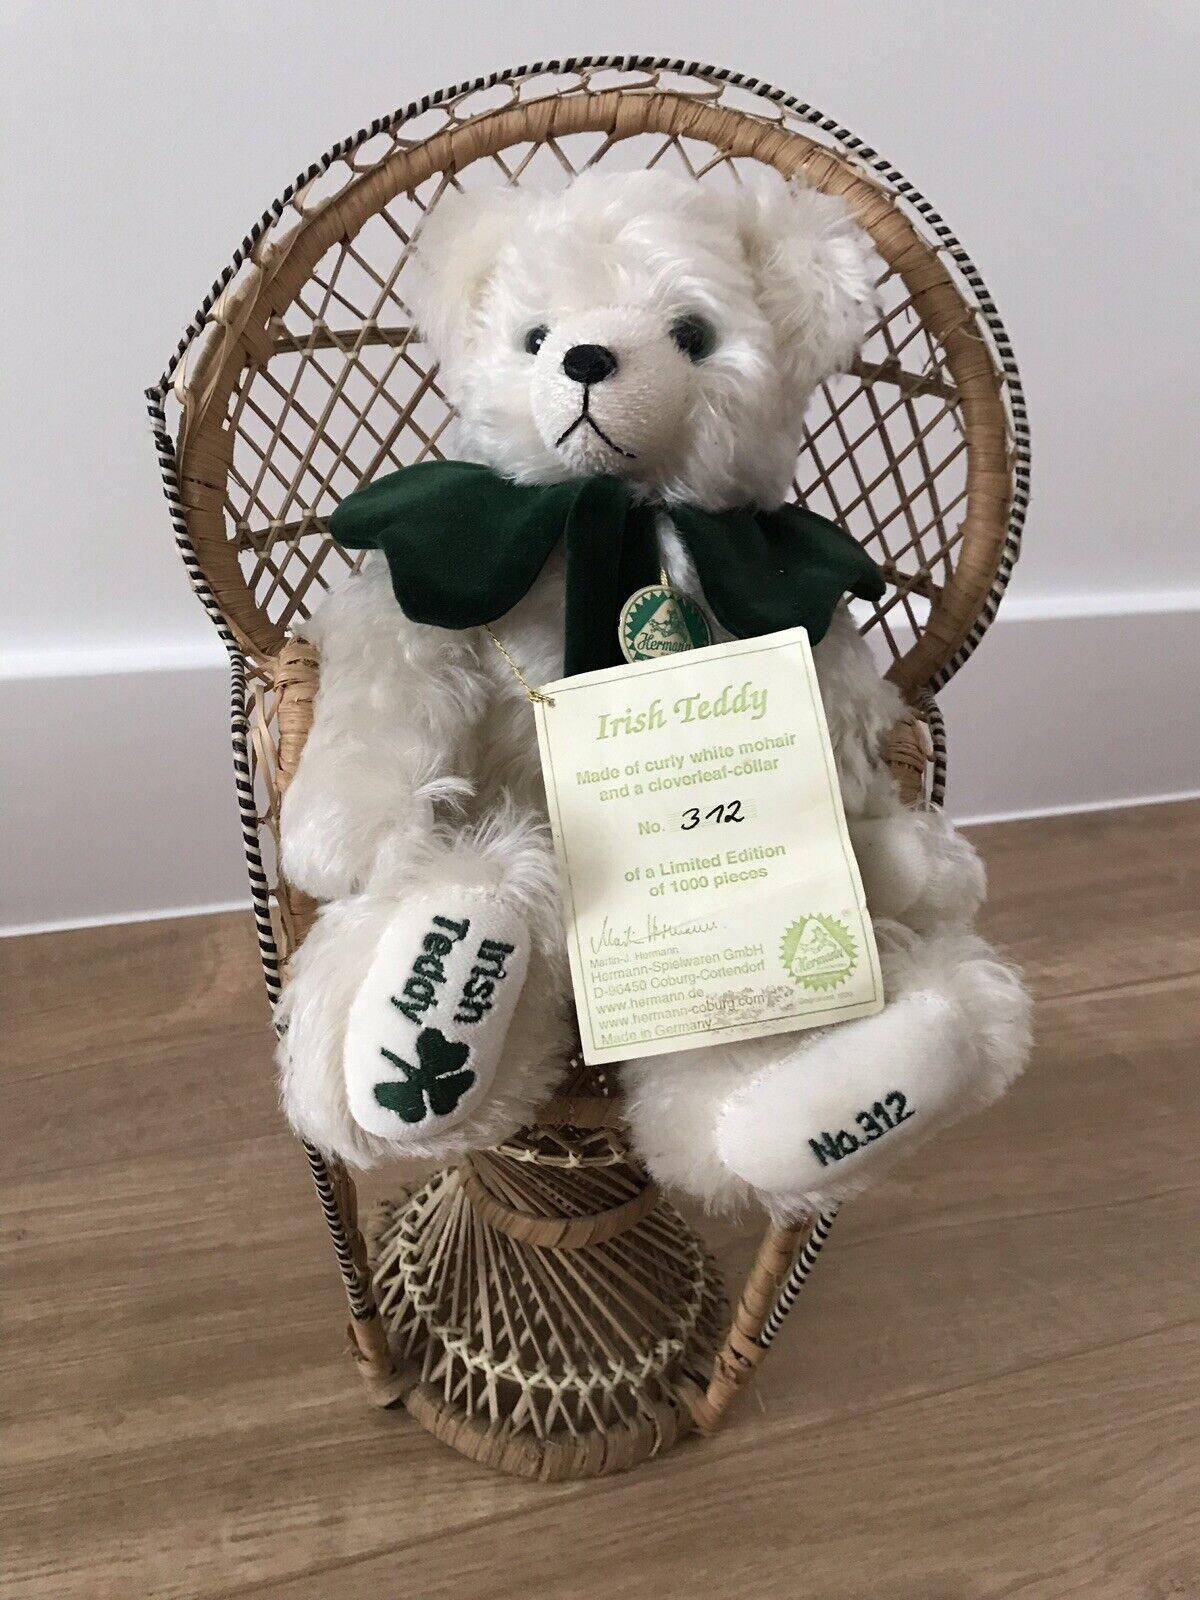 Irish teddy - Hermann Spielwaren Ltd Ed.312